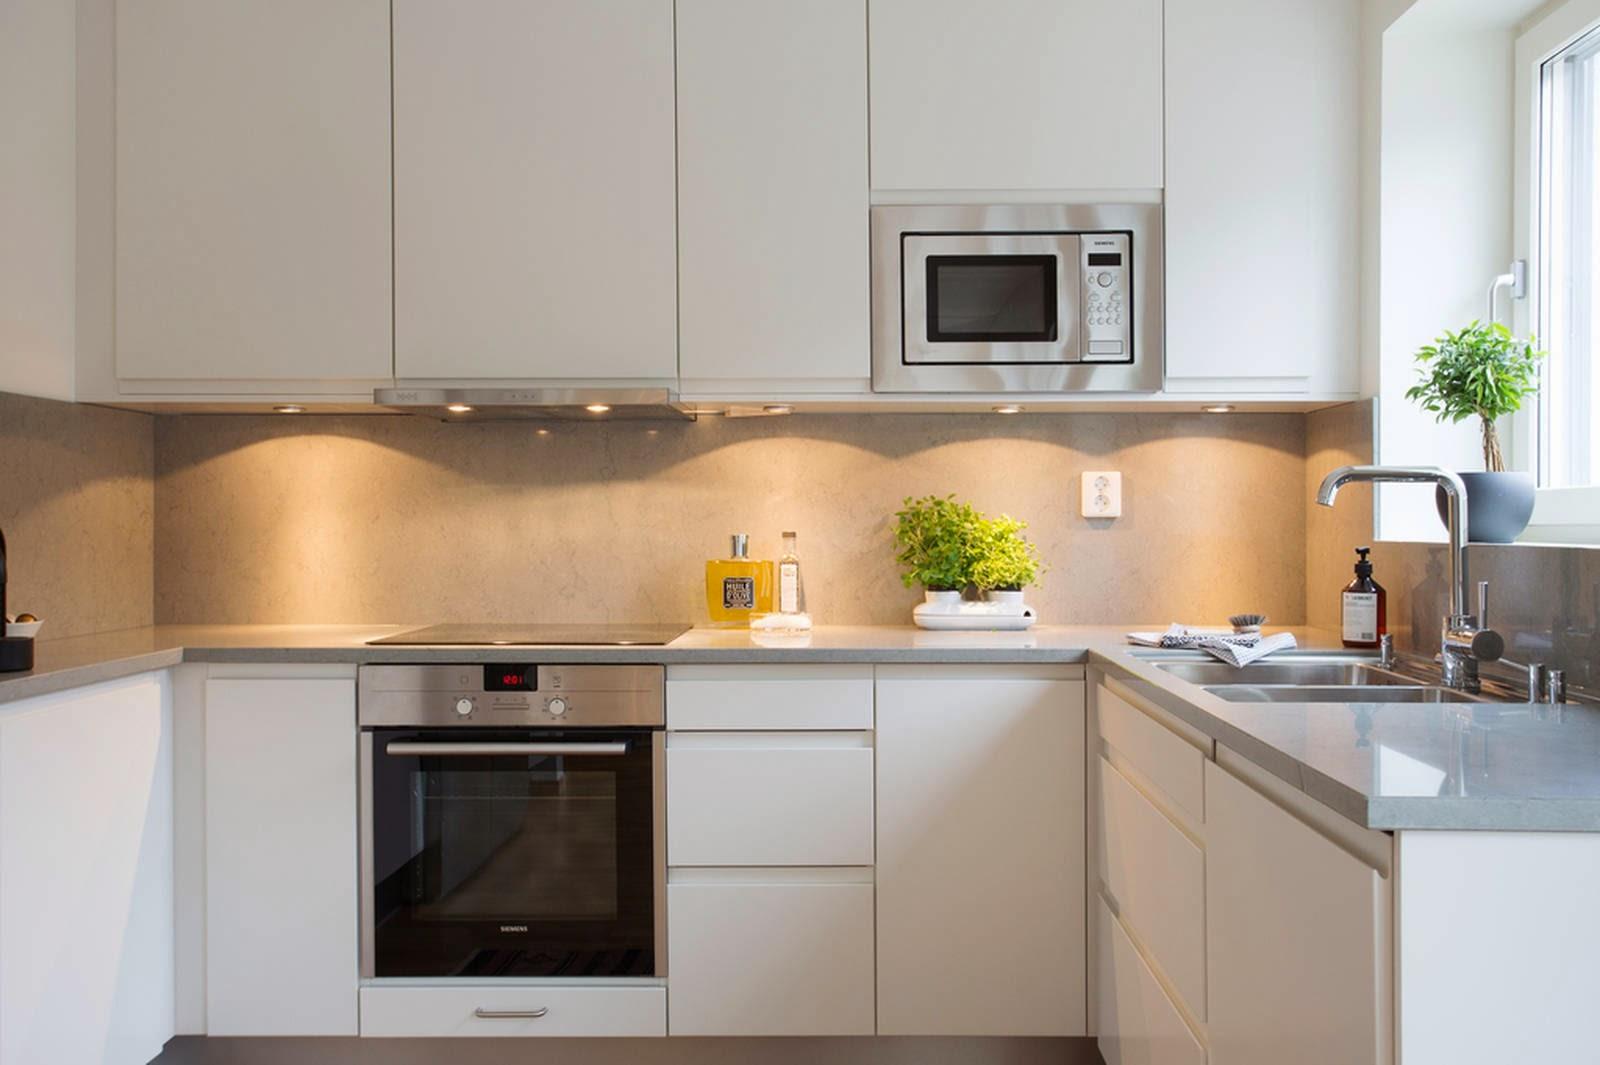 El blog de demarques un elegante piso de estilo escandinavo - Estilo escandinavo ...